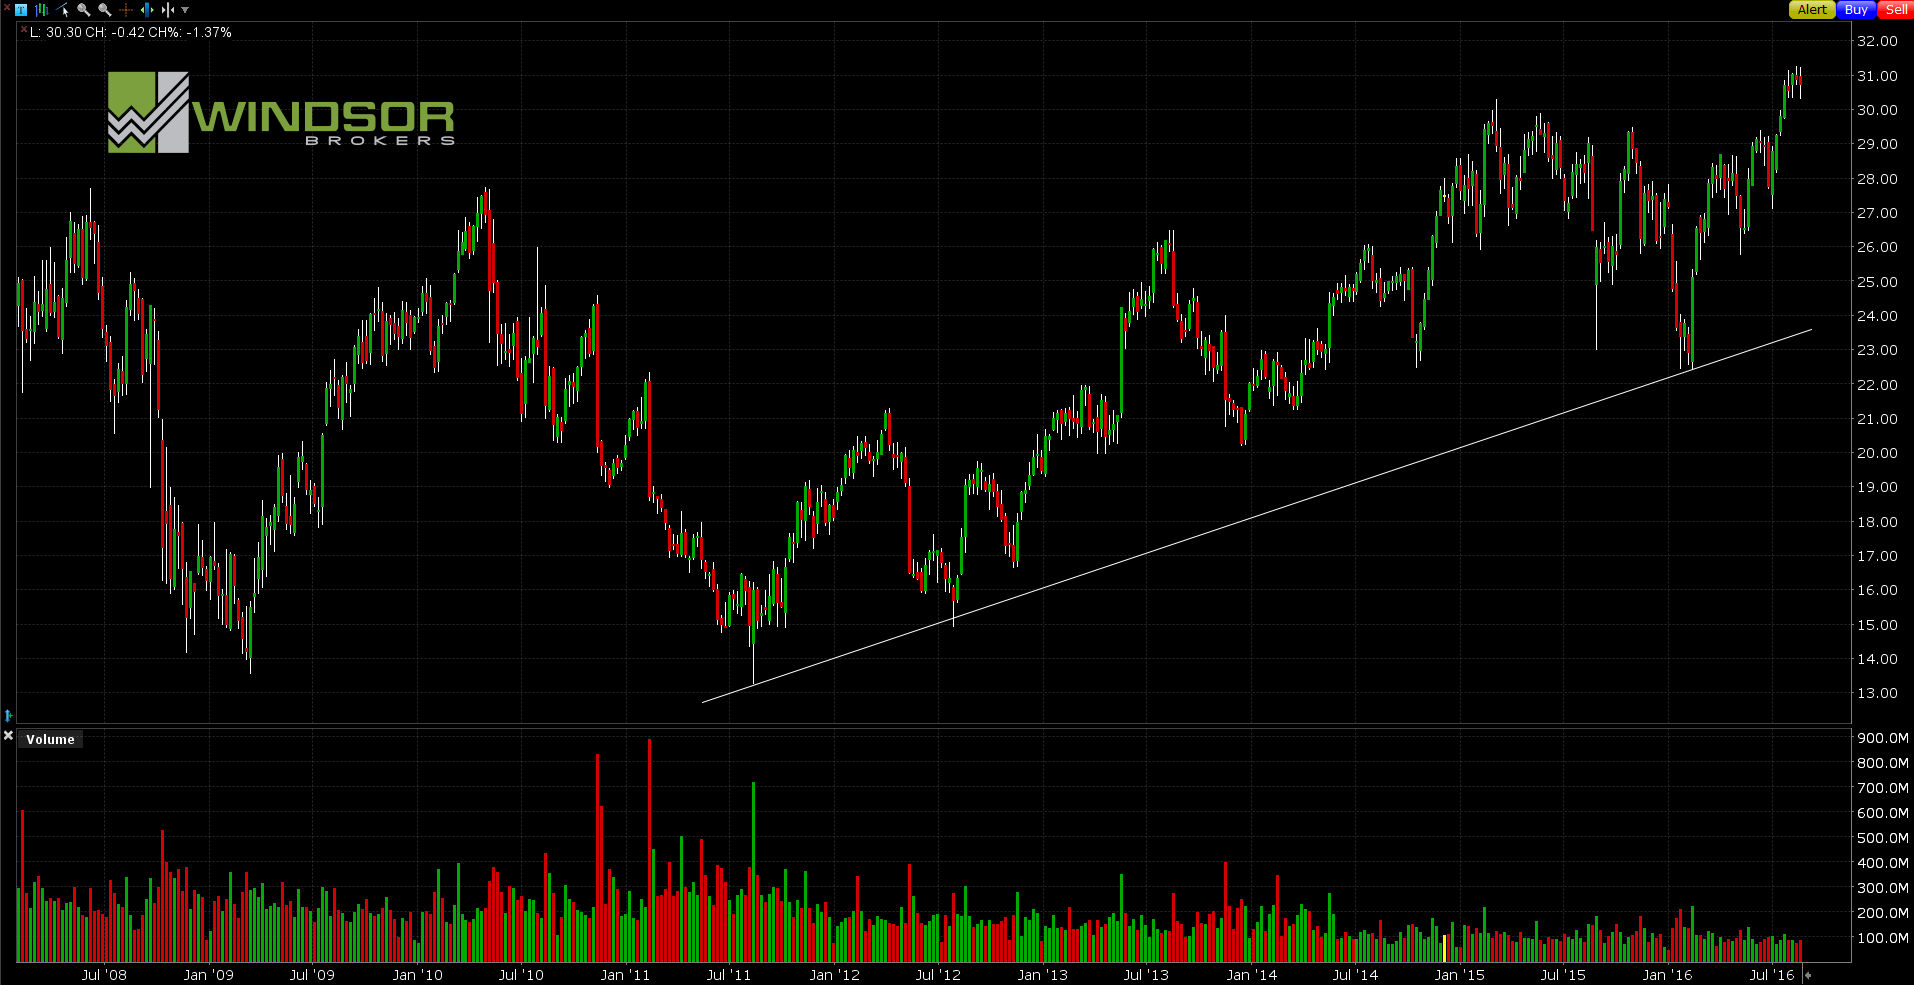 Wykres CISCO dla interwału W1. All Markets Online.